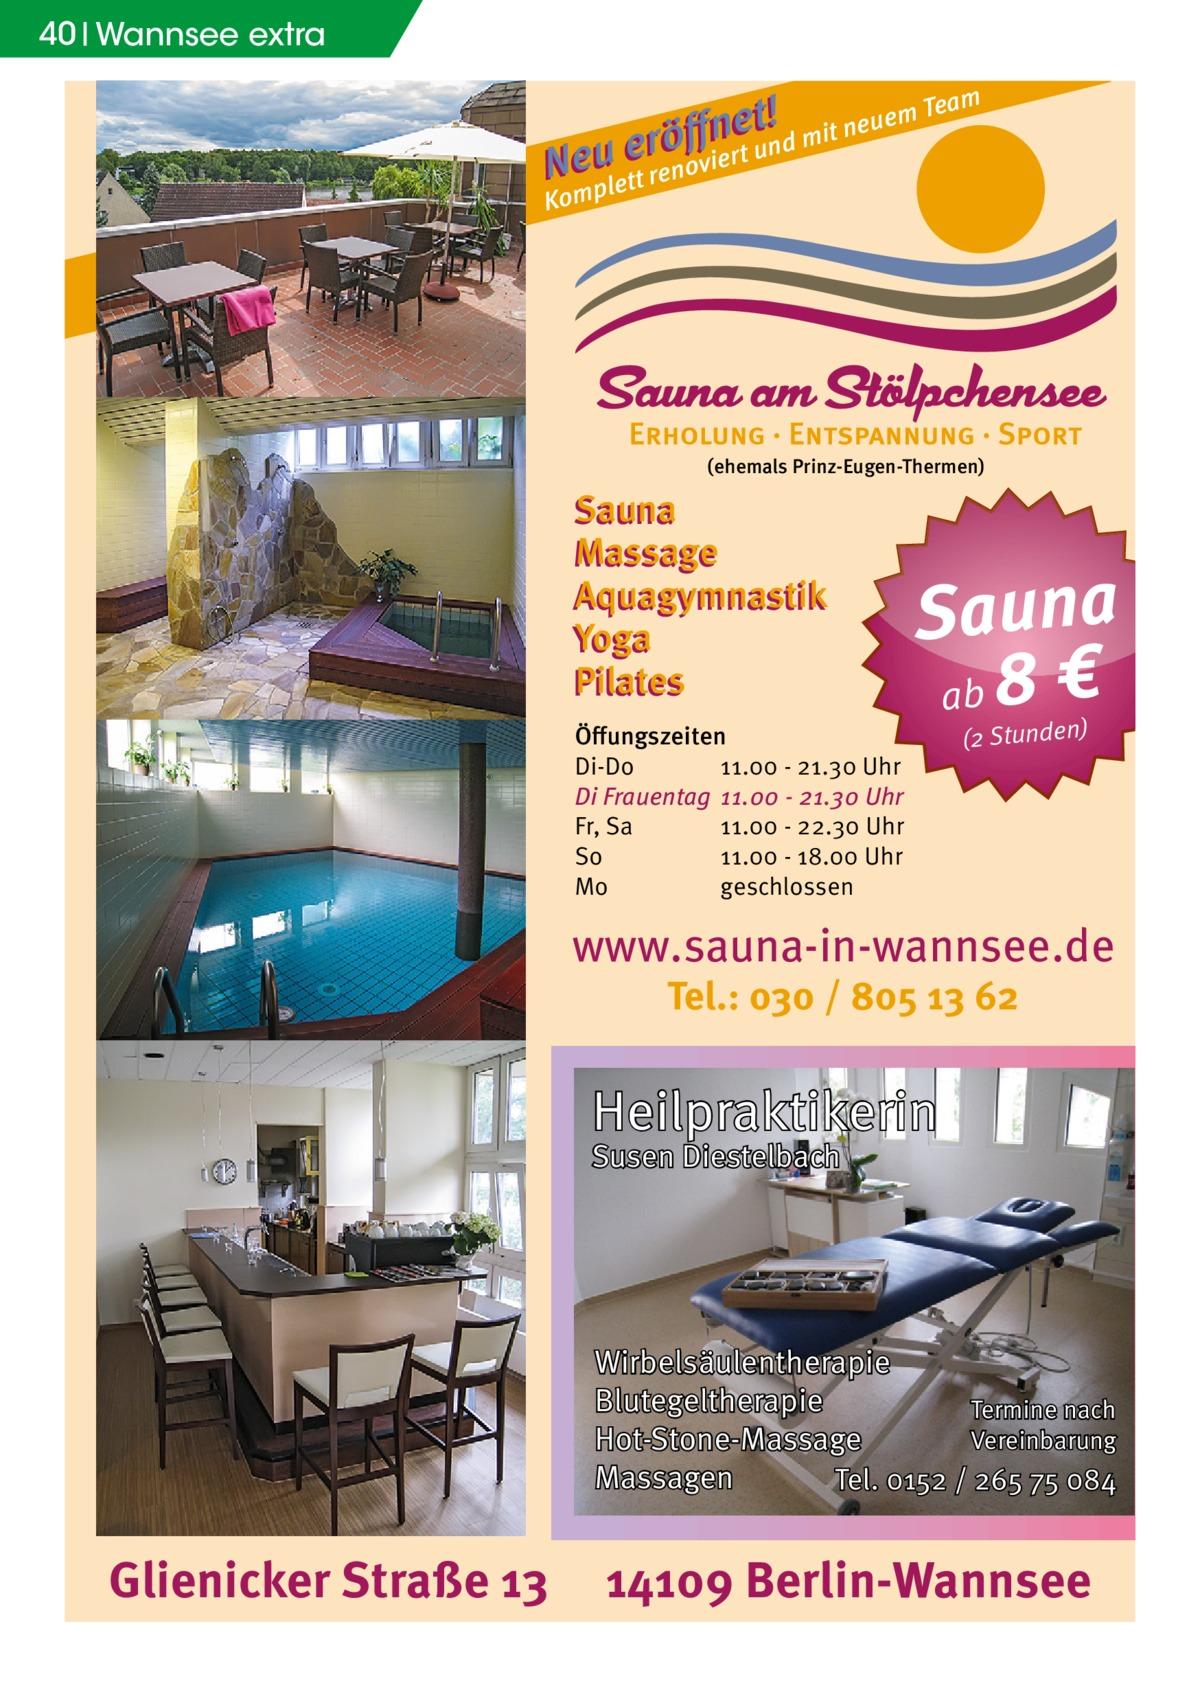 40 Wannsee extra m t !d mit neuem Tea e n ff erö un N euplett renoviert Kom  (ehemals Prinz-Eugen-Thermen)  Sauna Massage Aquagymnastik Yoga Pilates Öffungszeiten Di-Do 11.00 - 21.30 Uhr Di Frauentag 11.00 - 21.30 Uhr Fr, Sa 11.00 - 22.30 Uhr So 11.00 - 18.00 Uhr Mo geschlossen  Sauna ab 8 € (2 Stunden)  www.sauna-in-wannsee.de Tel.: 030 / 805 13 62  Heilpraktikerin Susen Diestelbach  Wirbelsäulentherapie Blutegeltherapie Termine nach Vereinbarung Hot-Stone-Massage Massagen Tel. 0152 / 265 75 084  Glienicker Straße 13  14109 Berlin-Wannsee